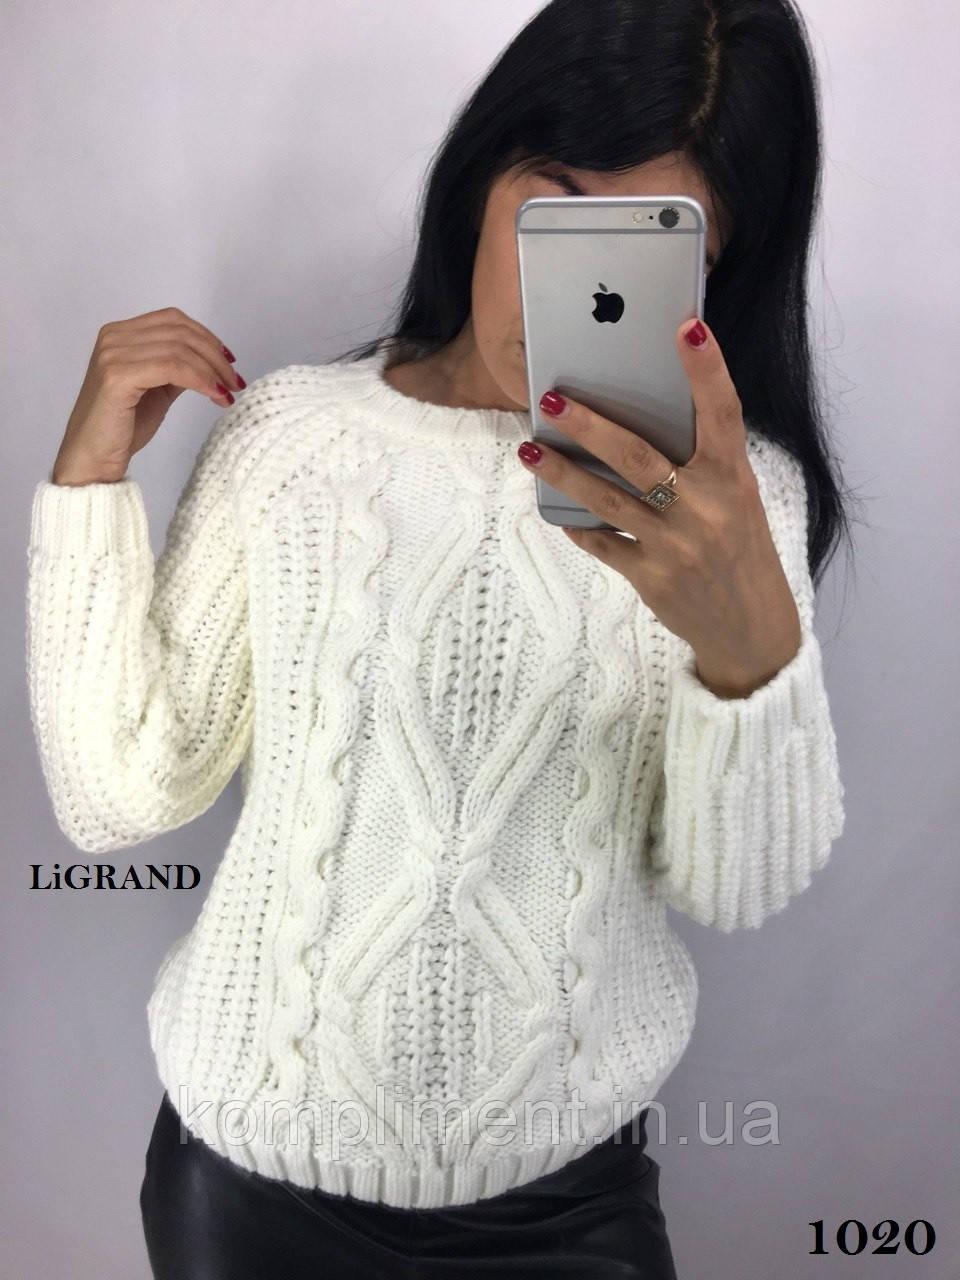 Женский  вязаный шерстяной свитер,белый.Производство Турция.BG 1020